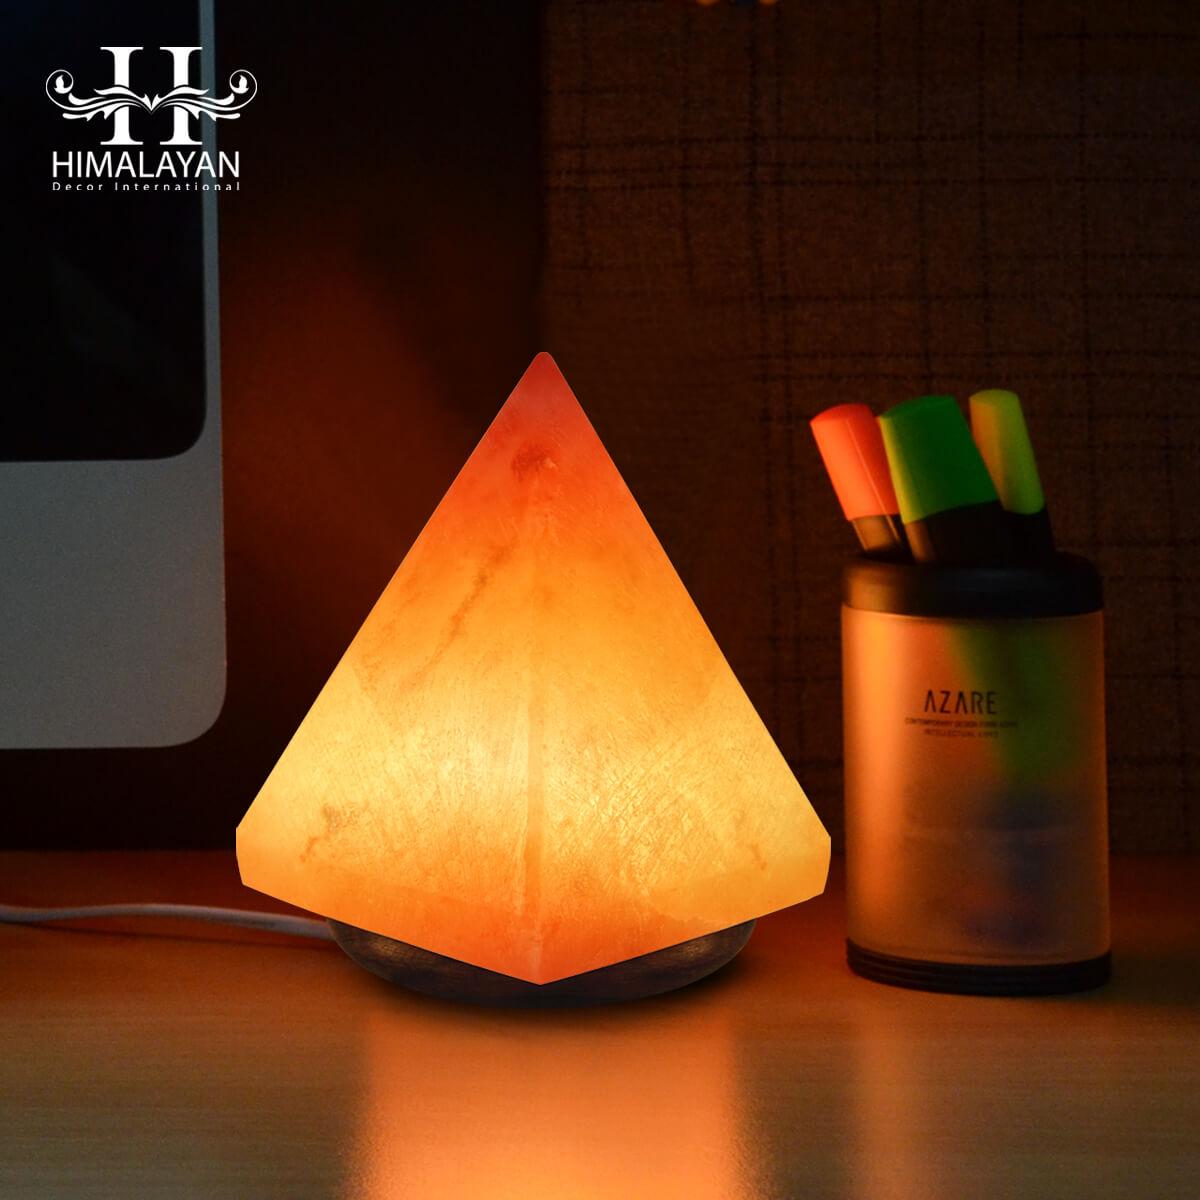 Himalayan Decorative Salt Lamps Pyramid Shape With